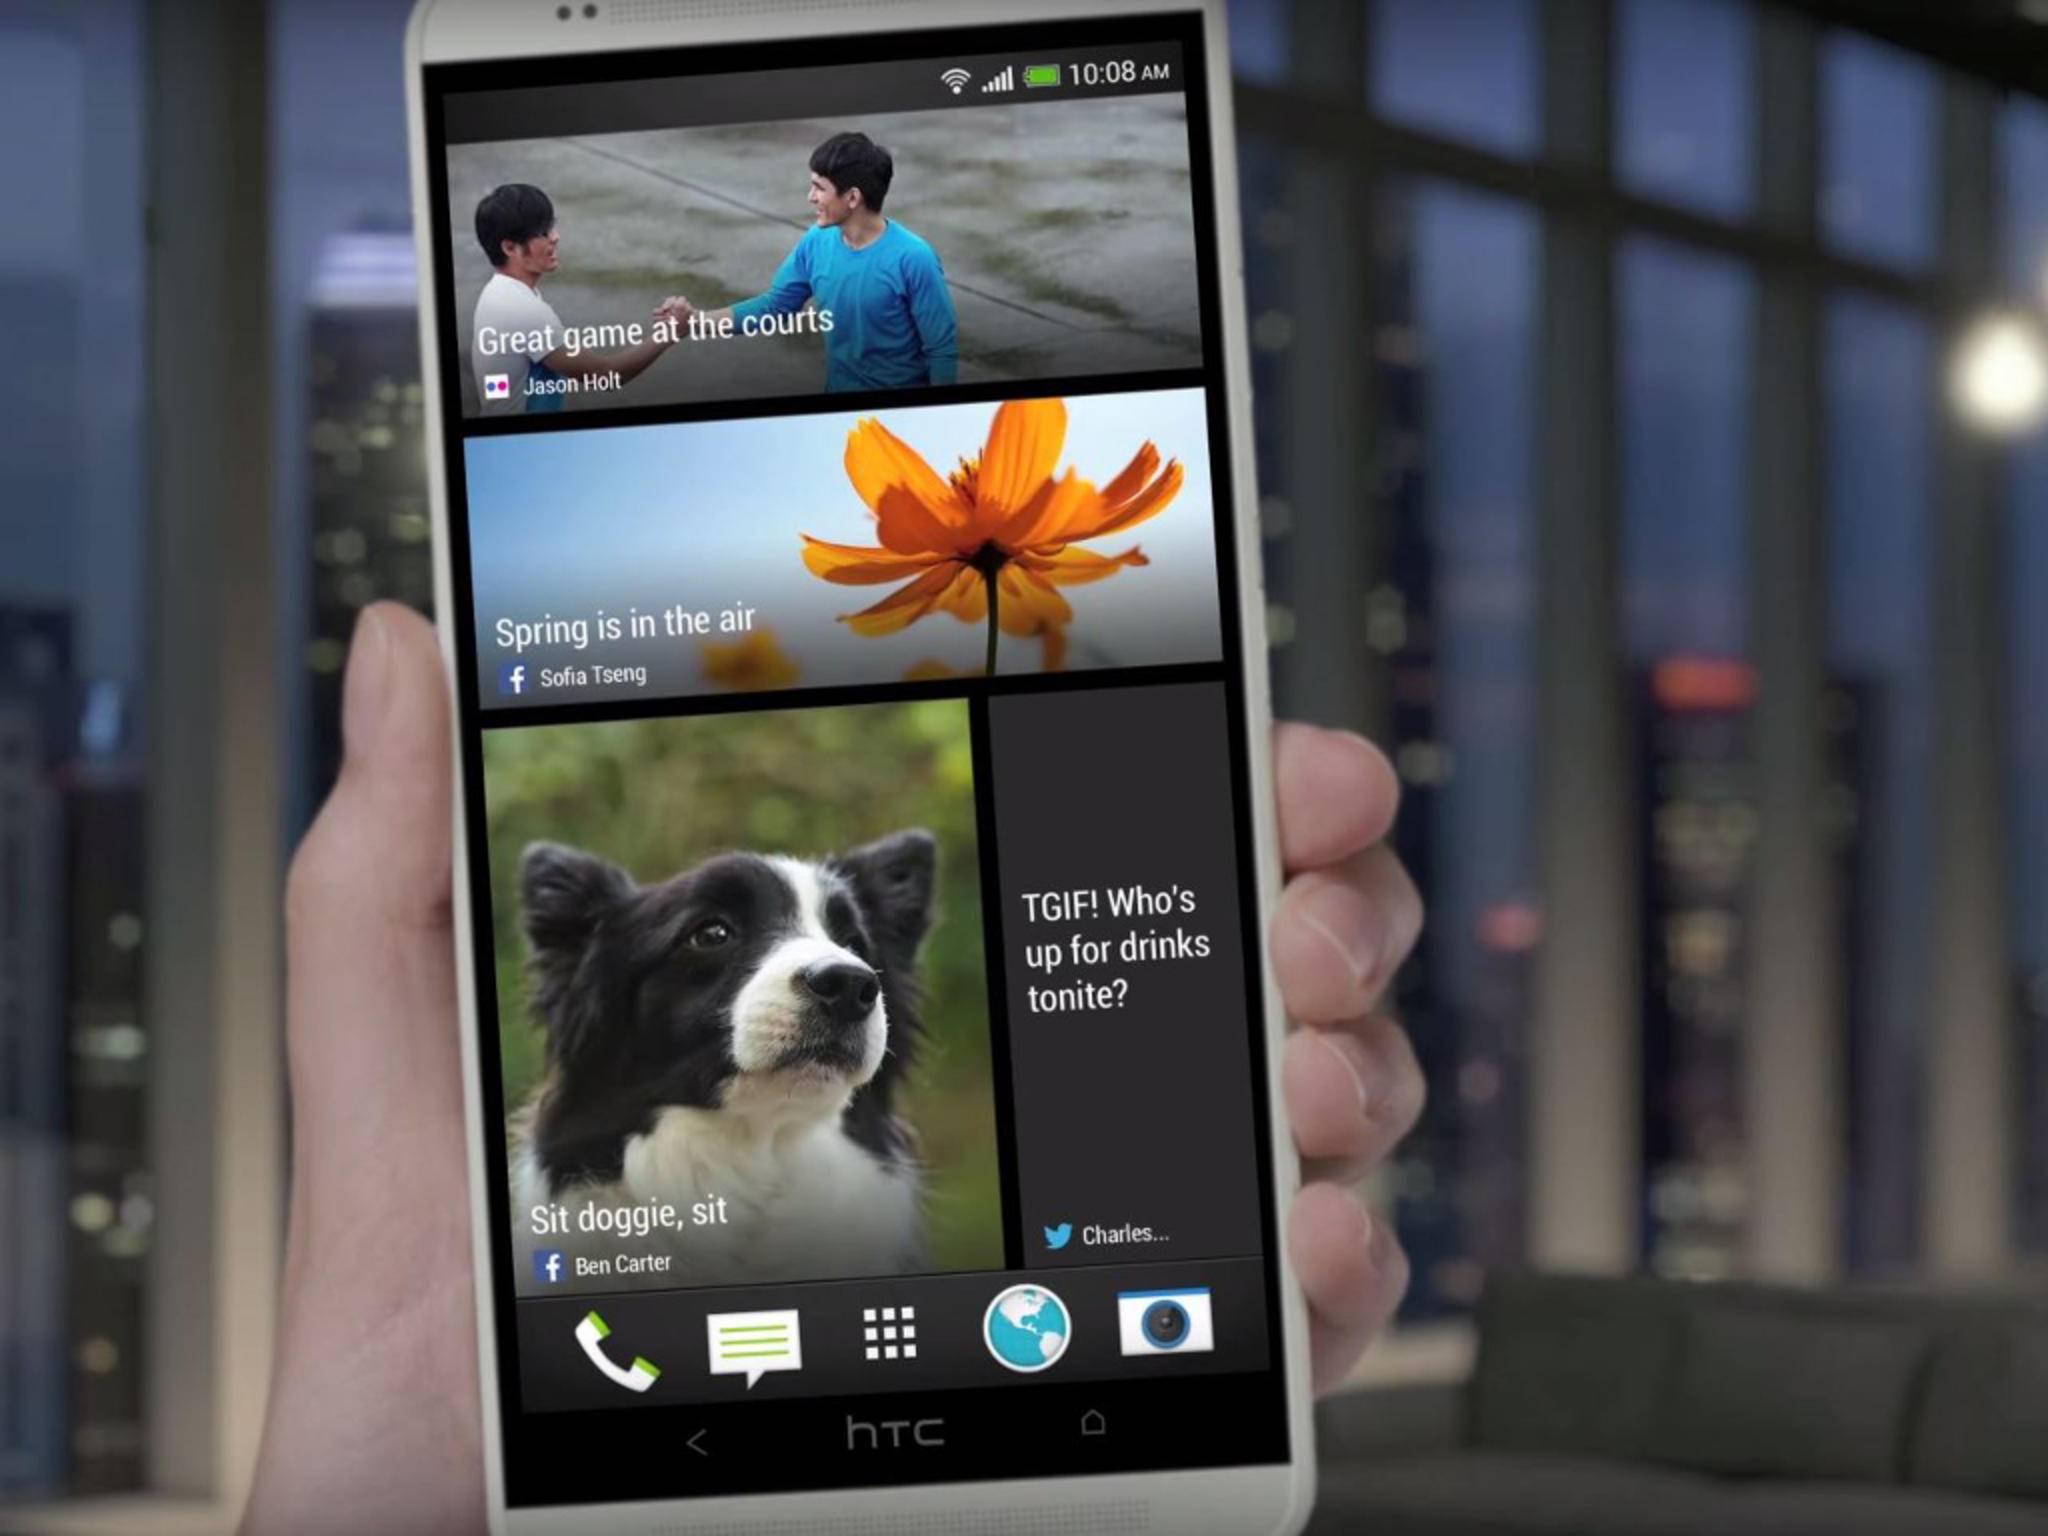 Der Blinkfeed von HTC könnte schon bald Werbung enthalten.